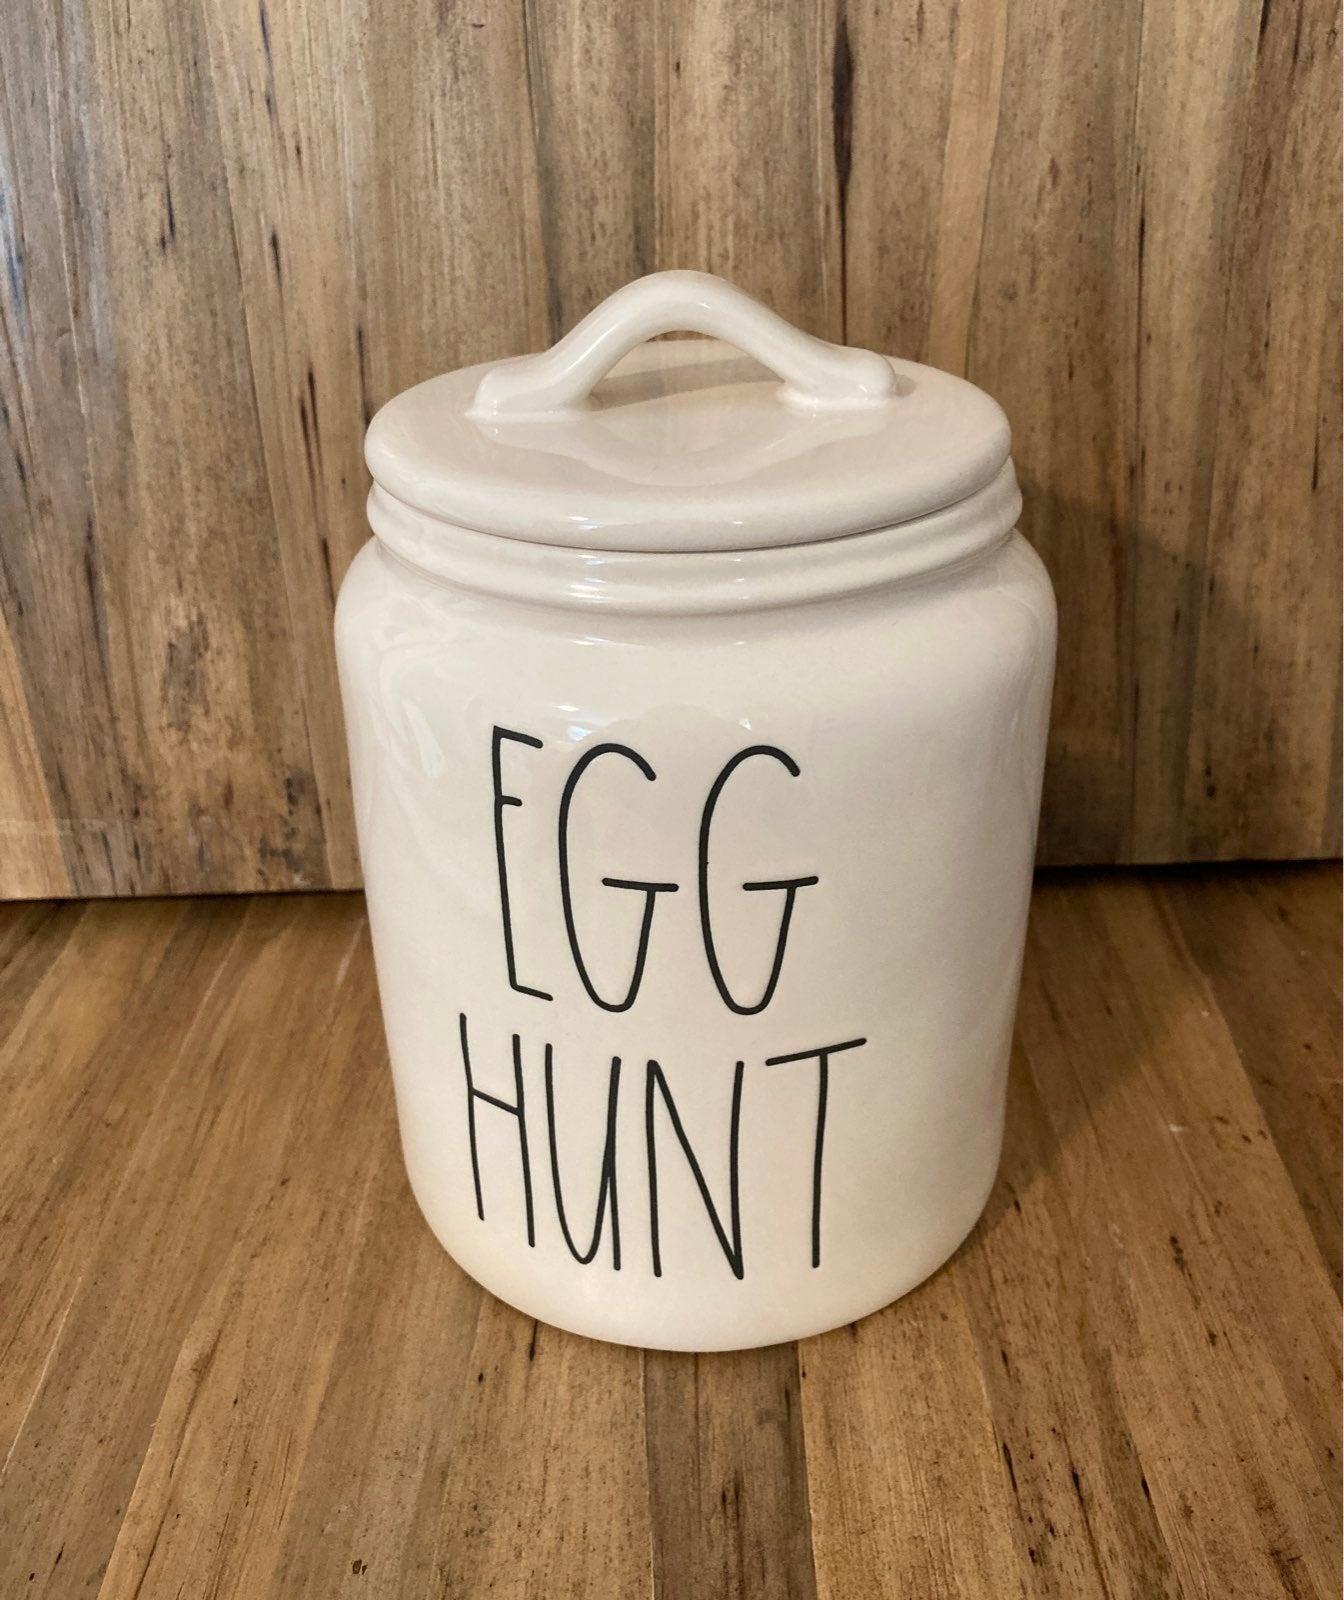 Rae Dunn Egg Hunt Canister